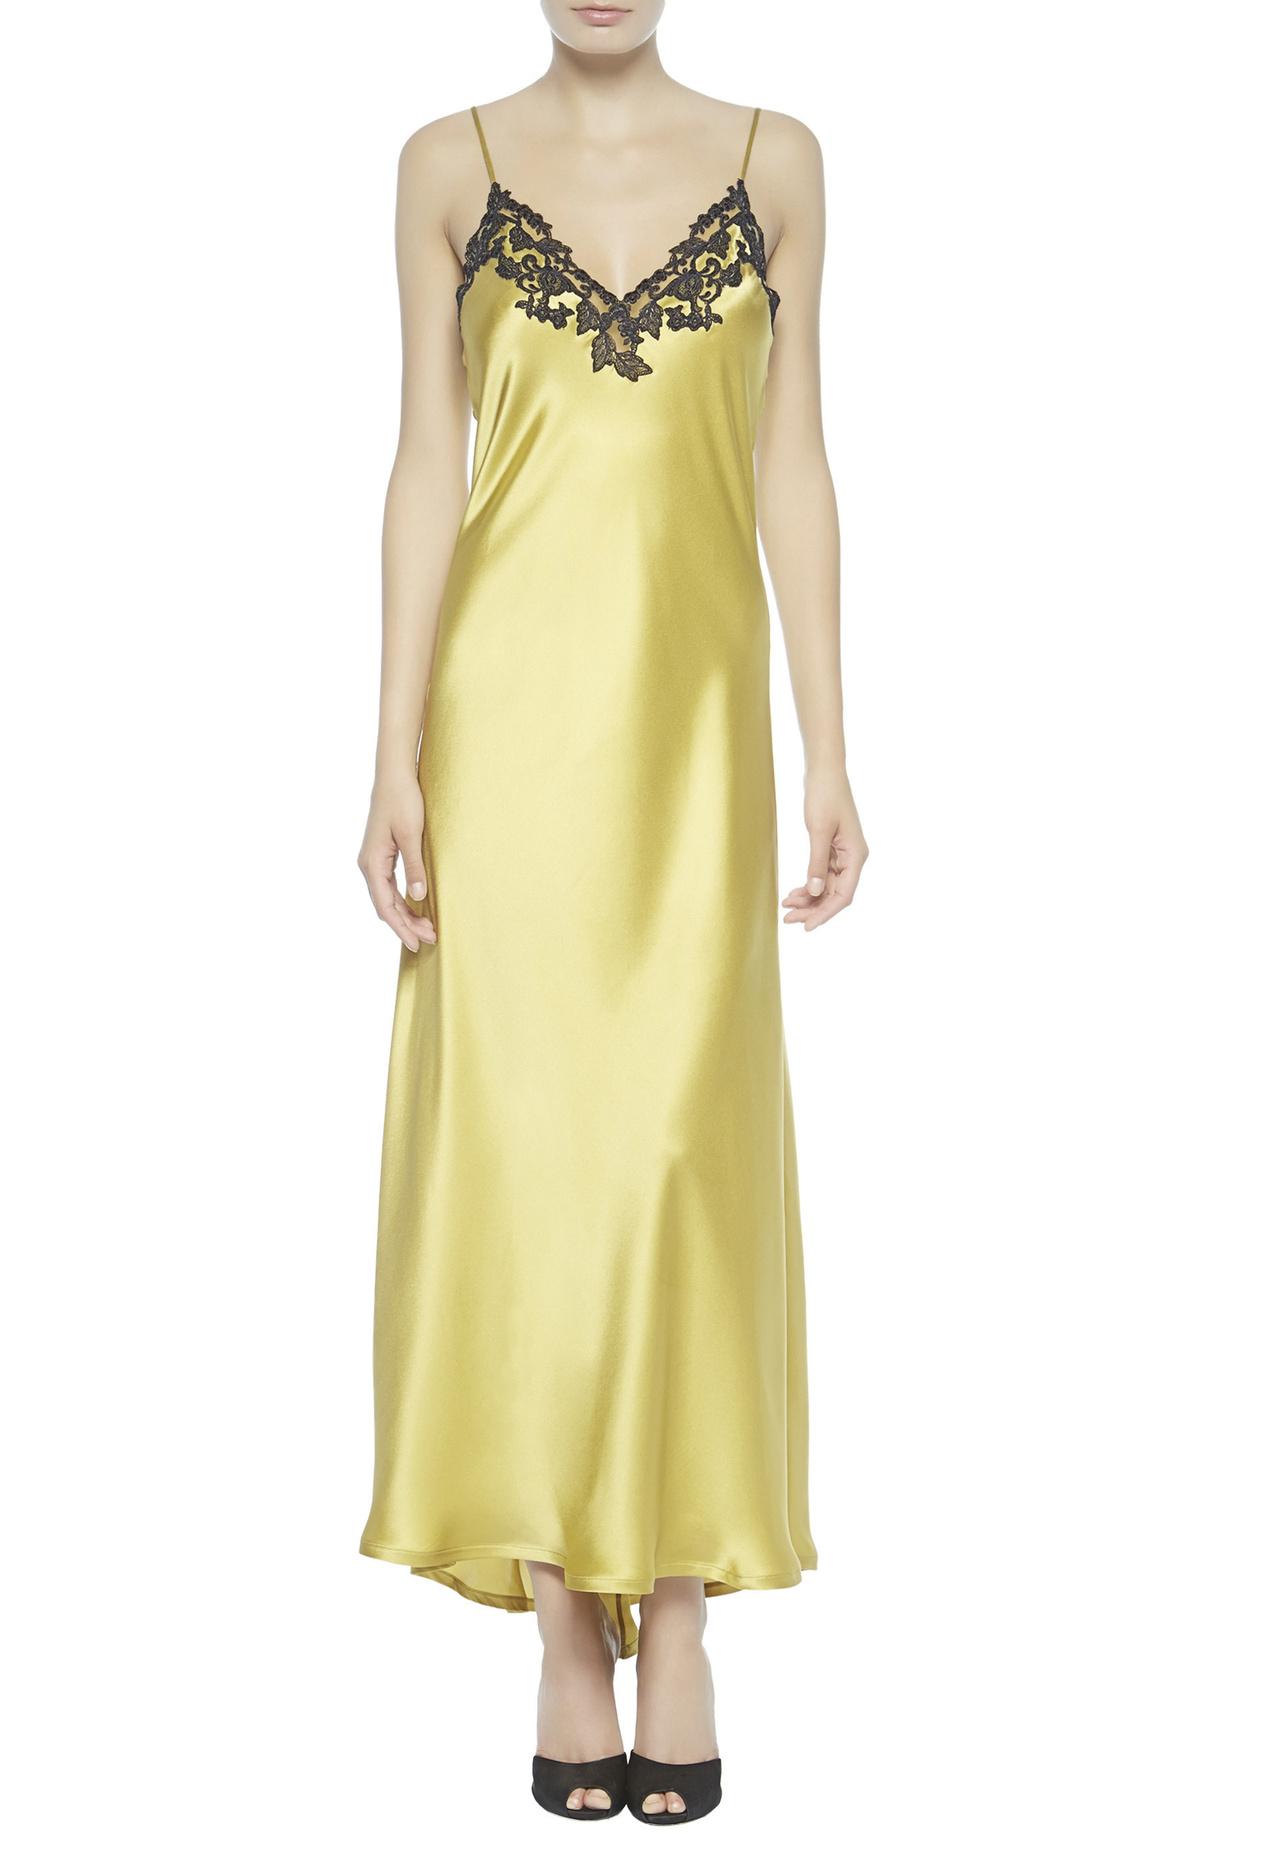 La Perla 2014 Fall Winter Lingerie Campaign Photos: La Perla Maison Nightgown In Yellow